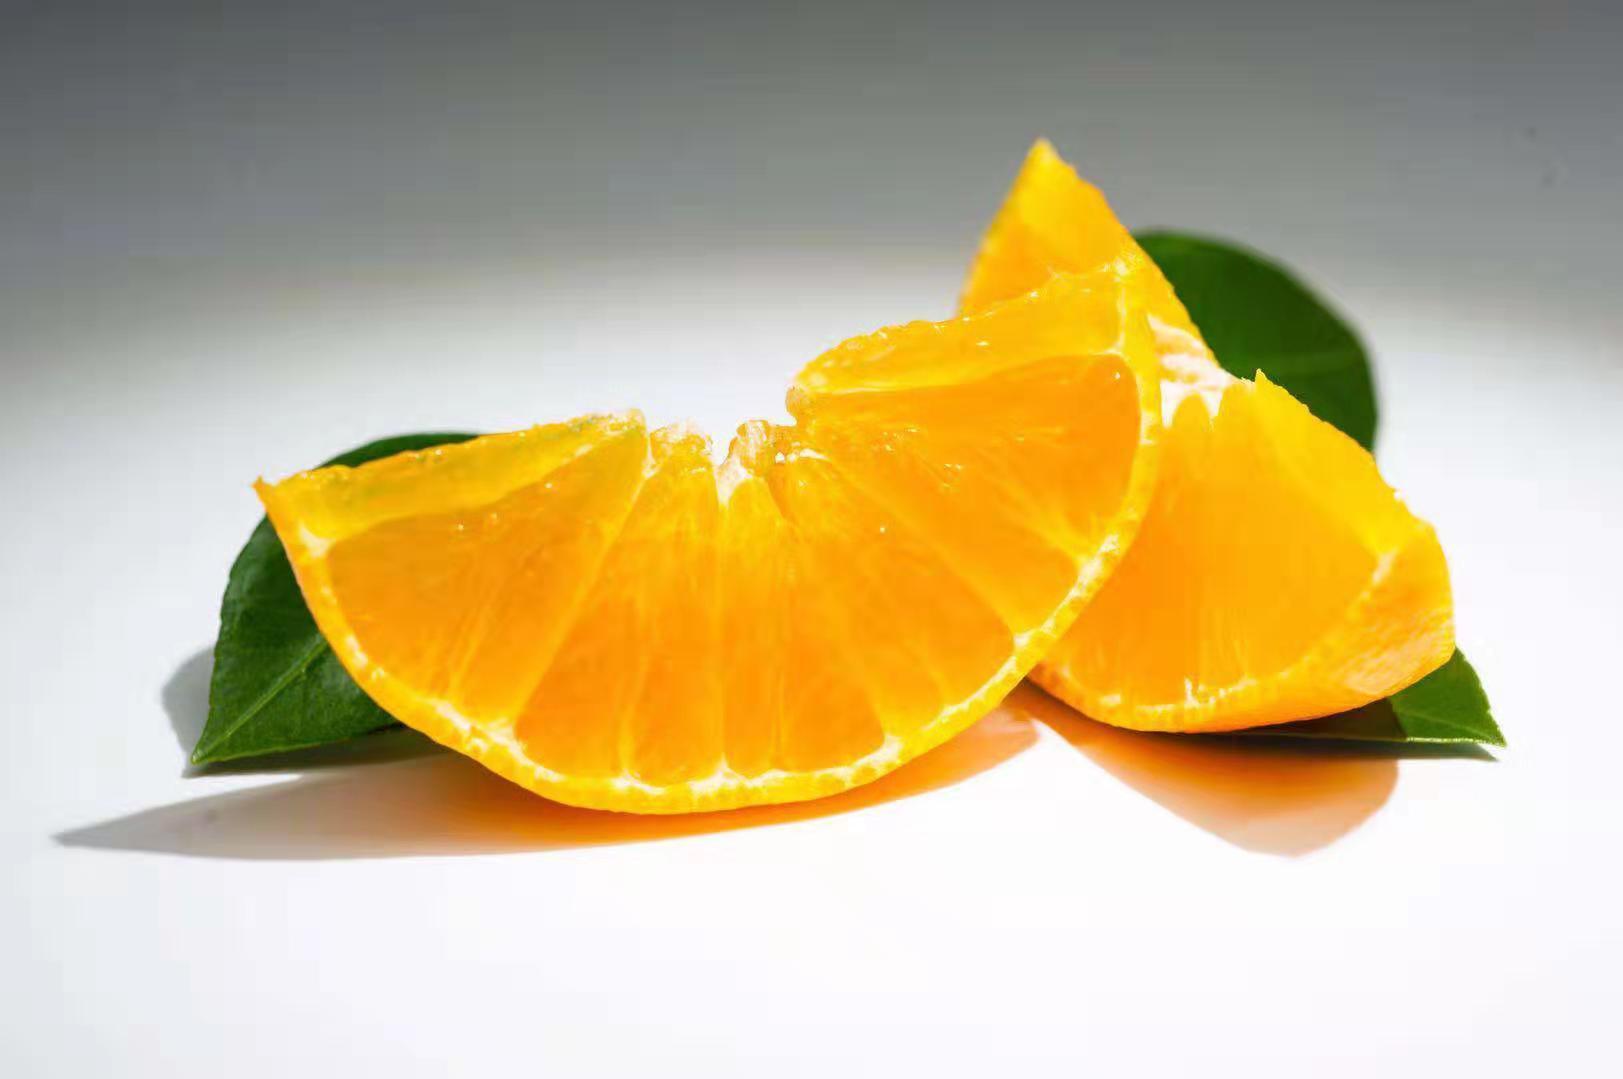 镇江红美人柑橘,红美人柑橘